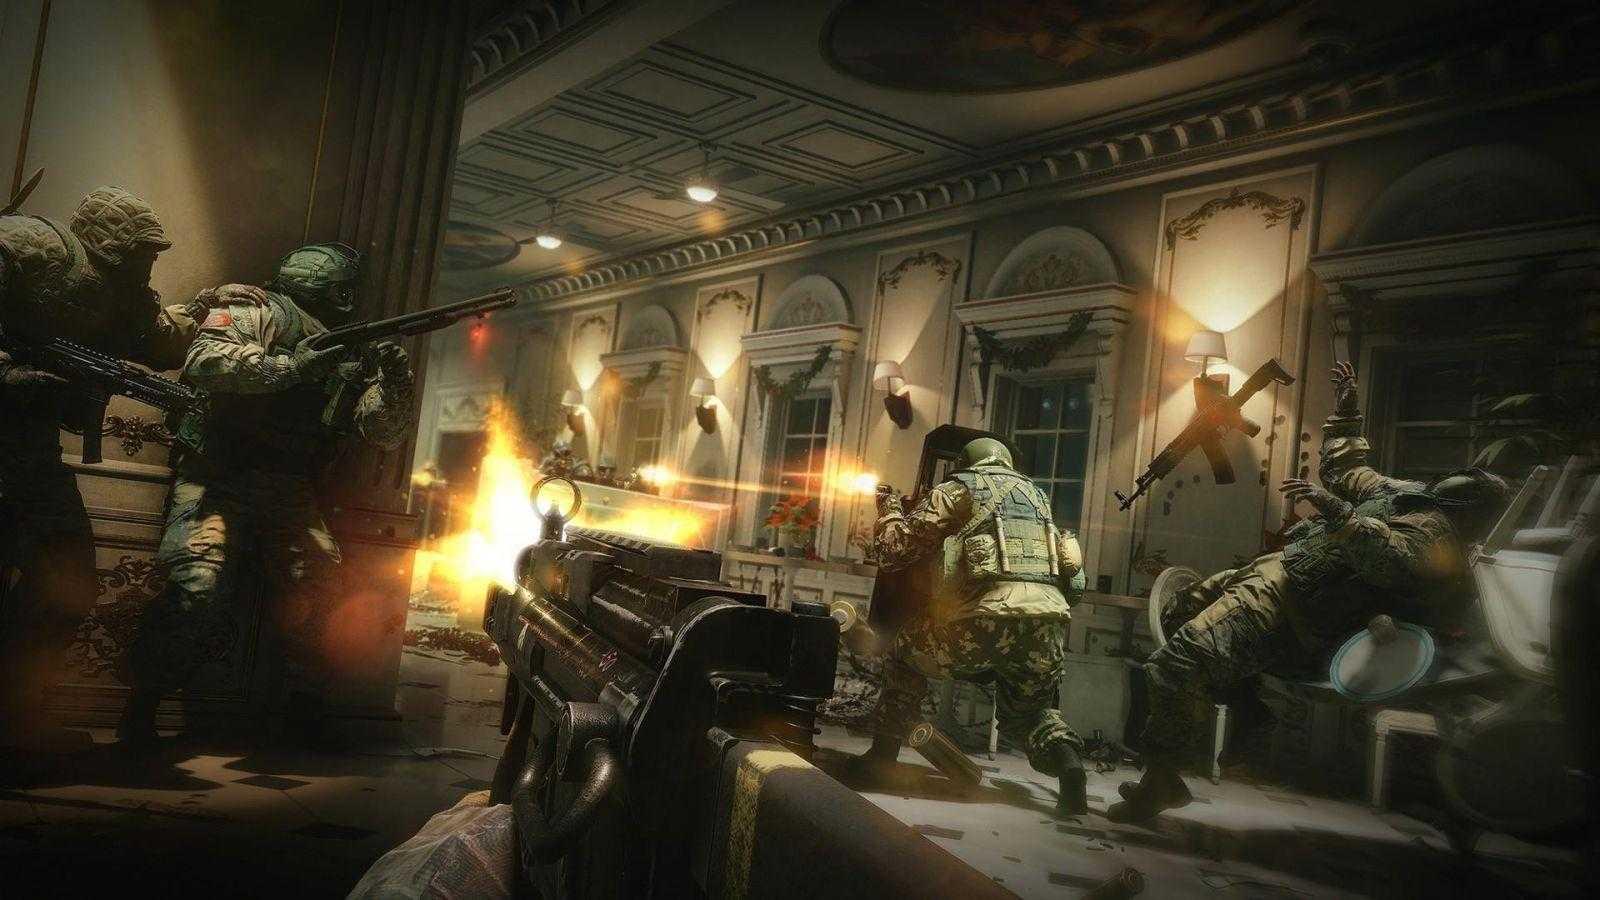 Лучшие игры на PlayStation 4 в 2019 году (tom clancys rainbow six siege wallpaper 4)